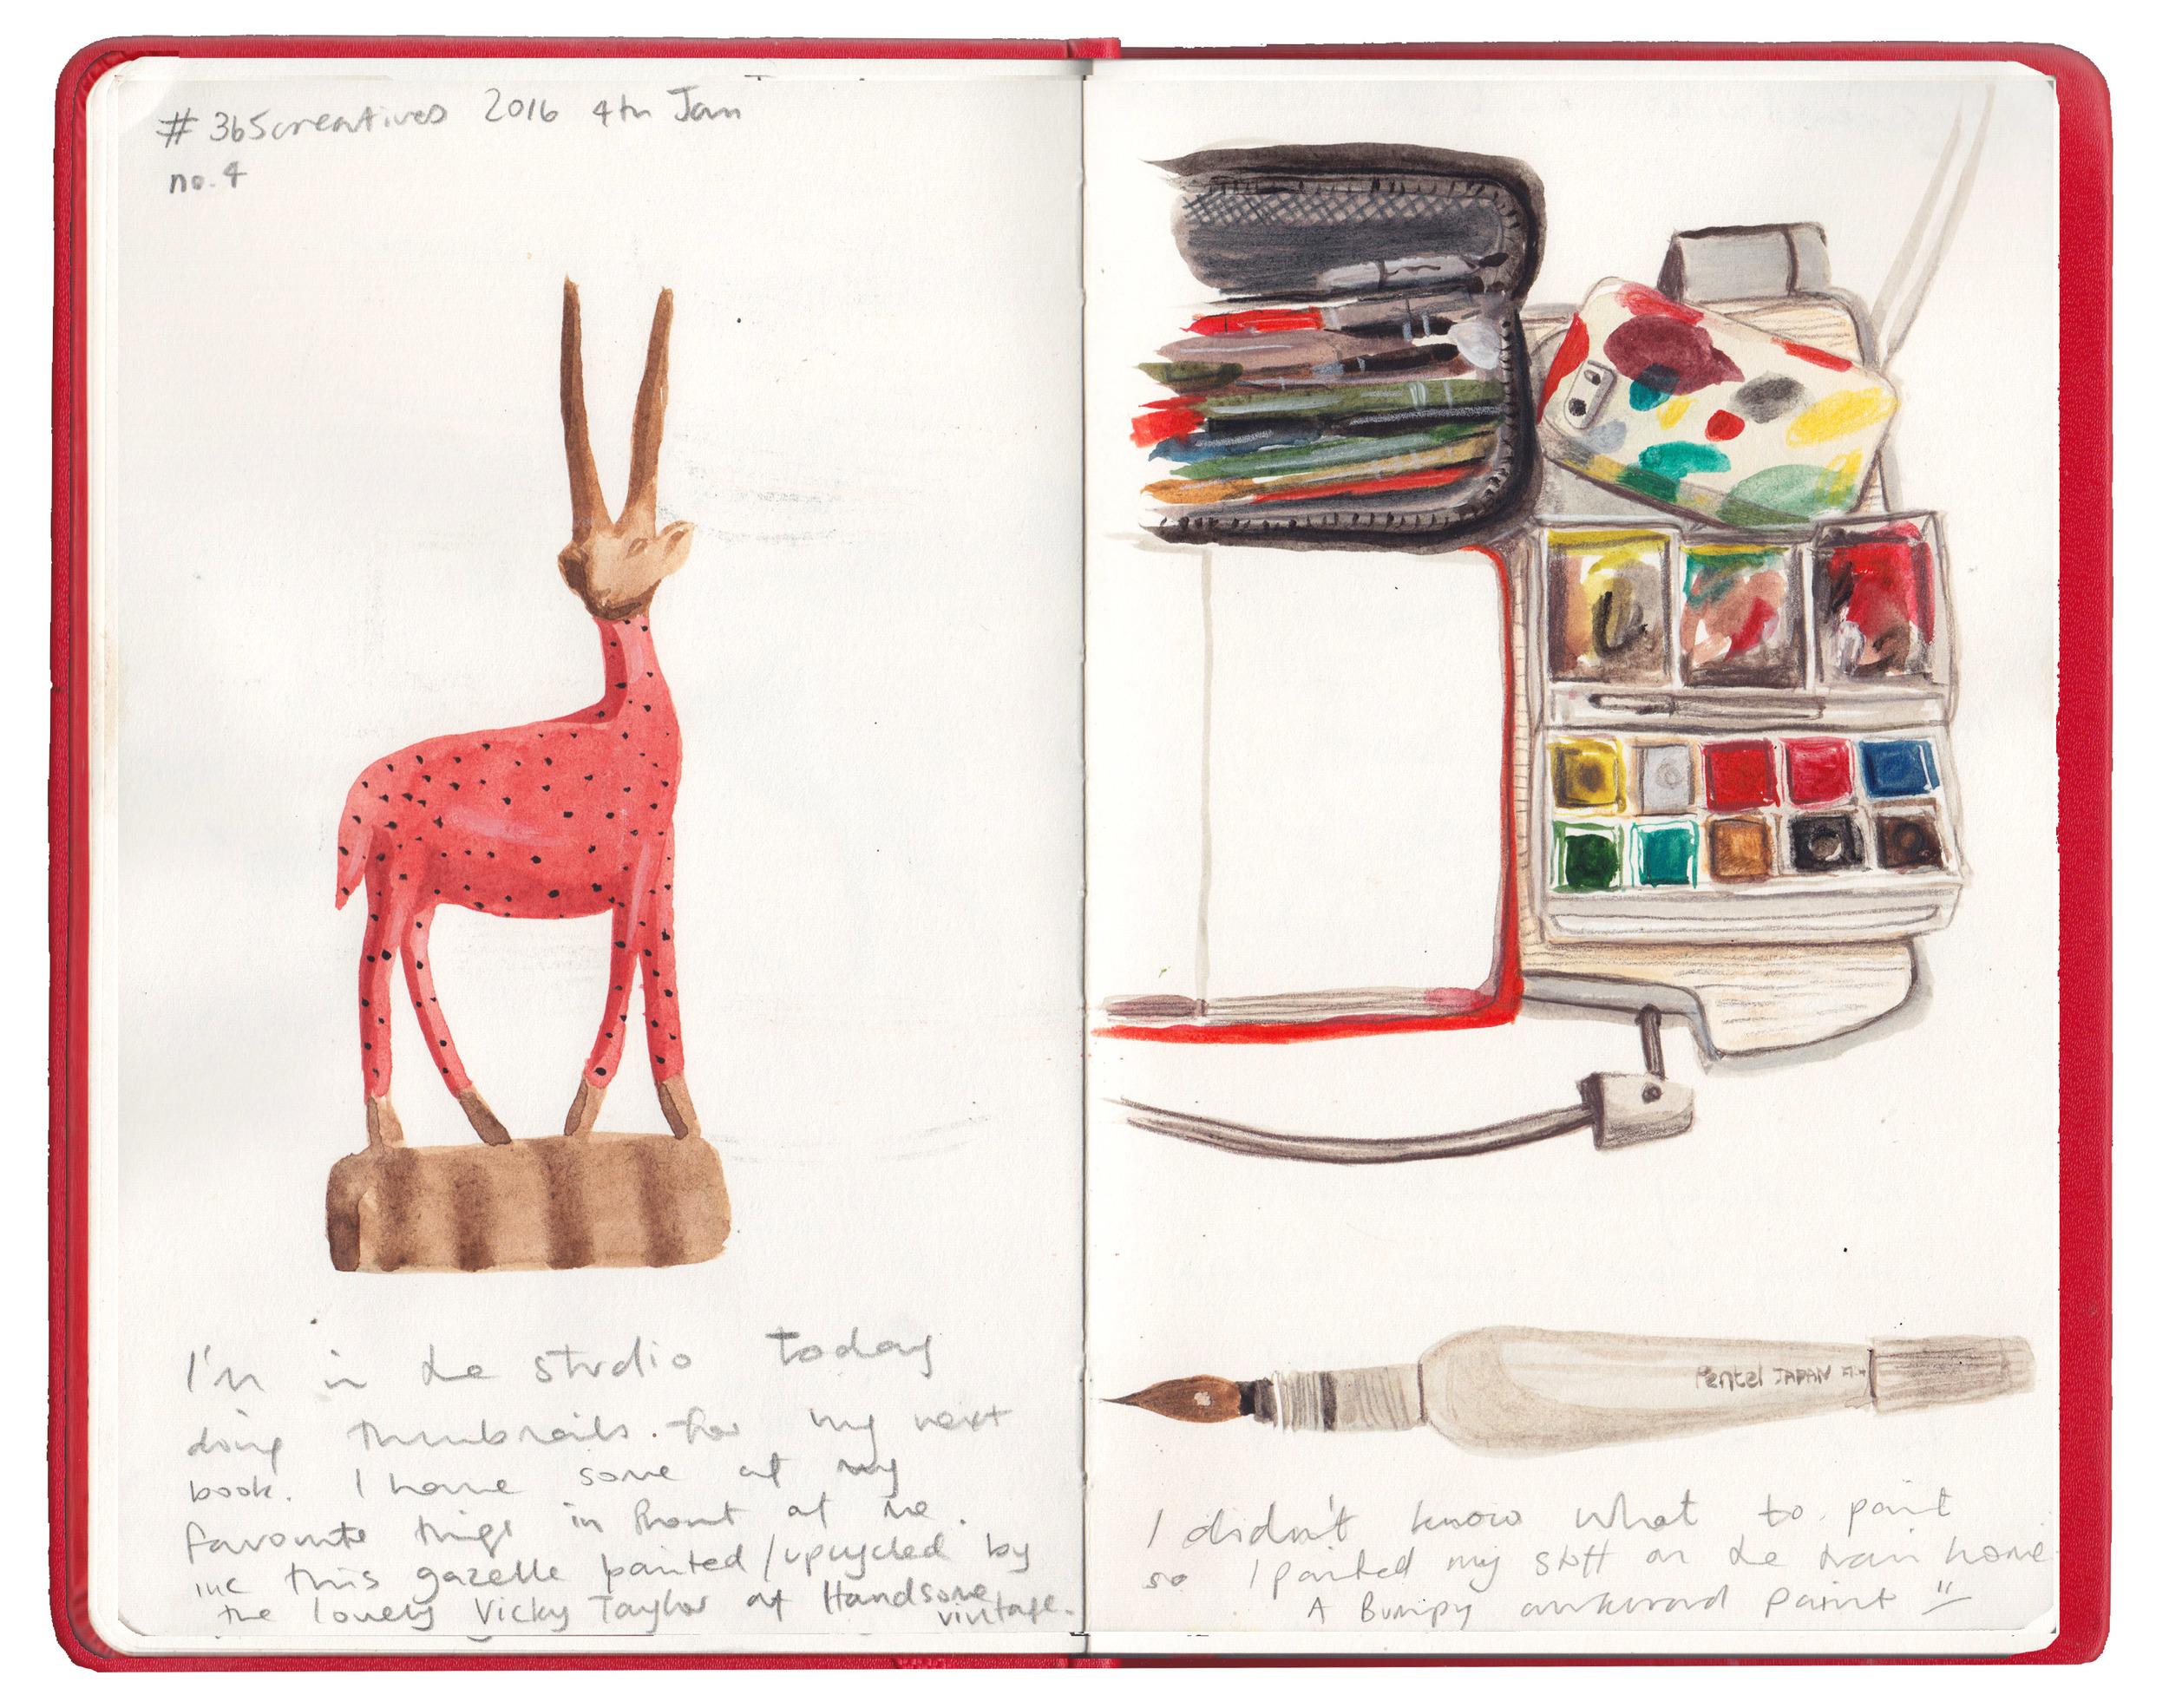 sketchbookday4.jpg